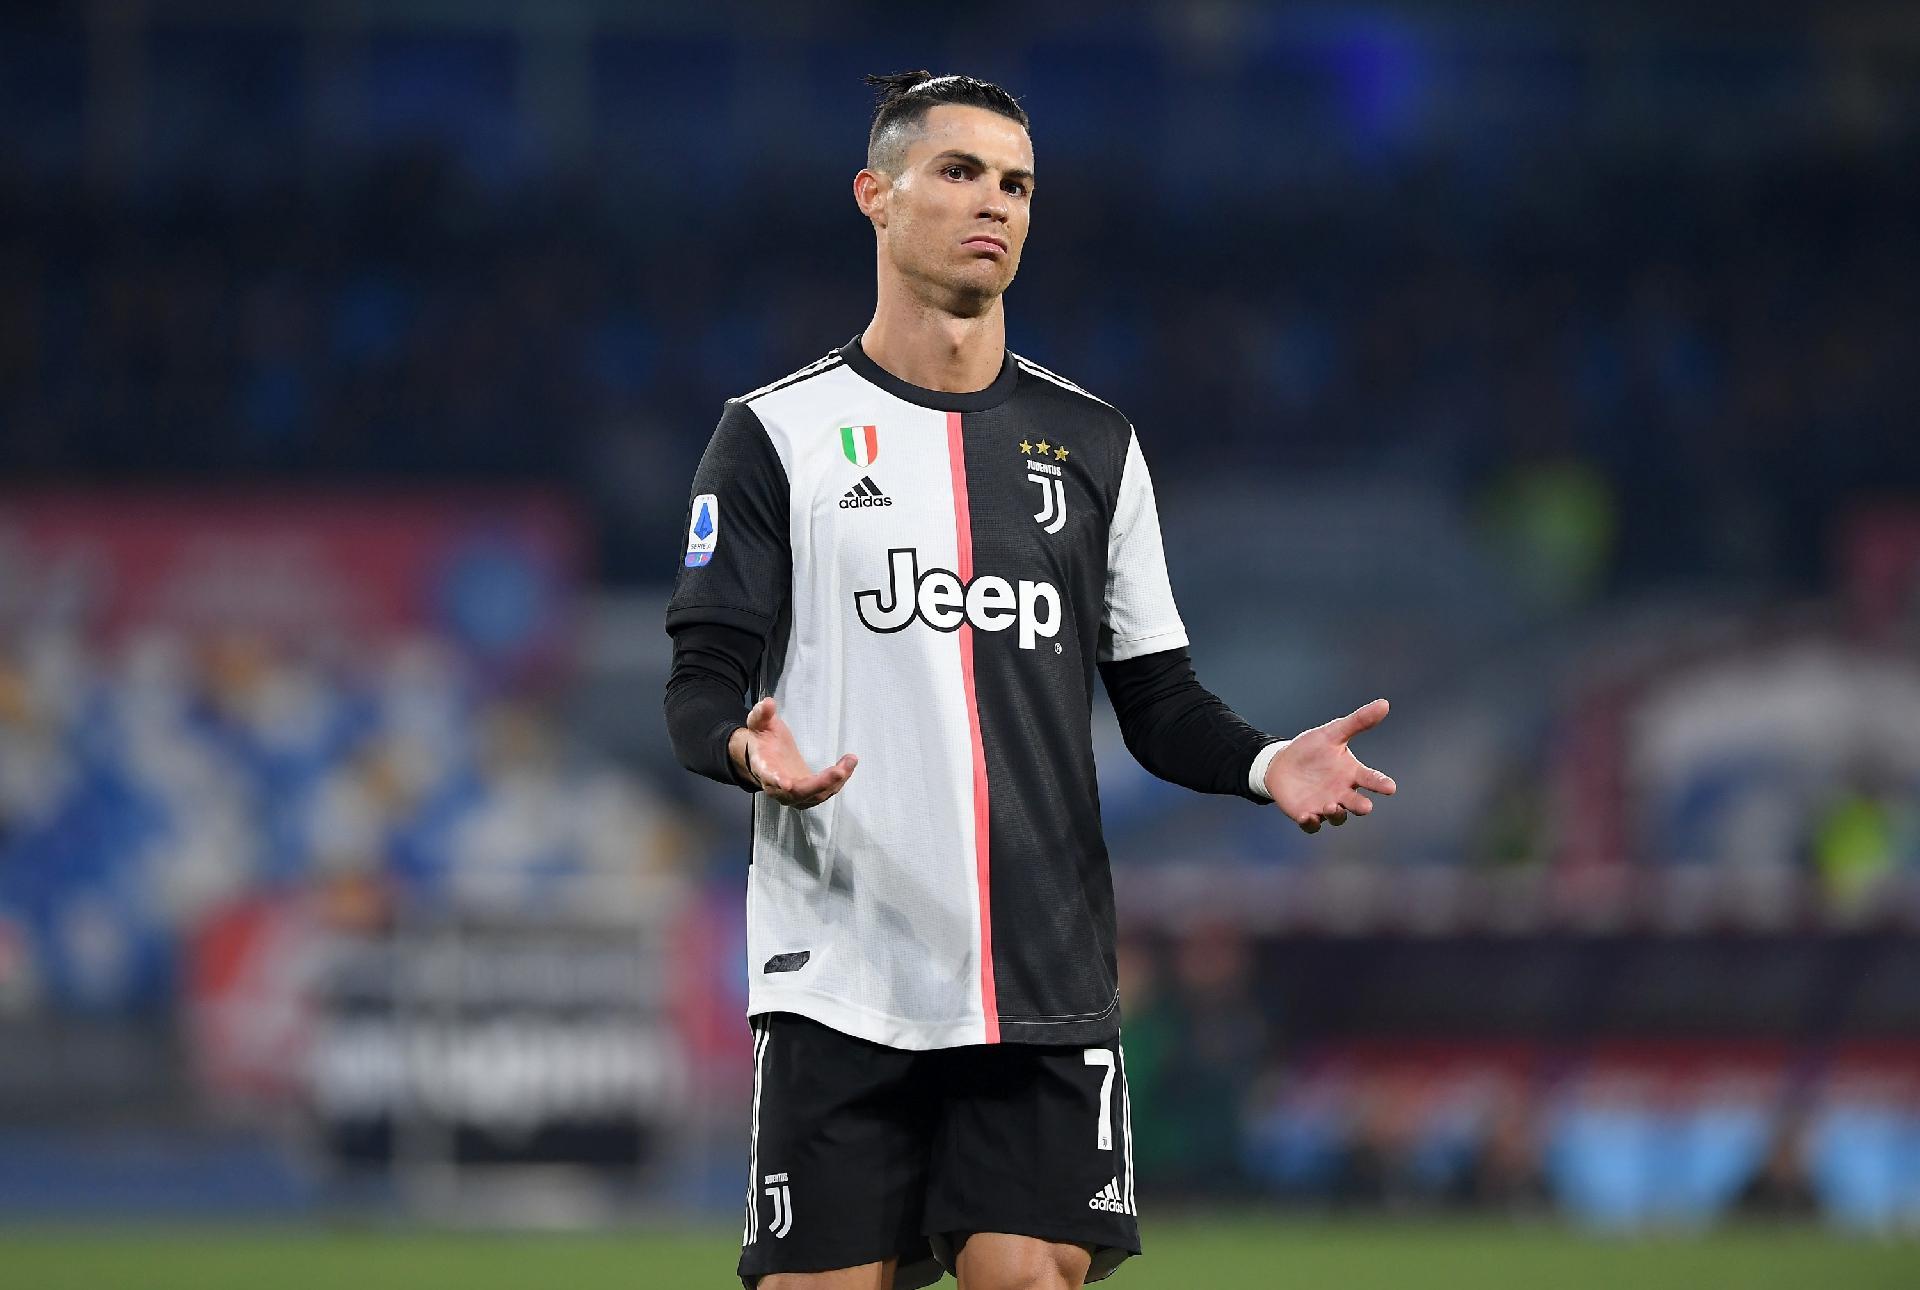 """Cristiano Ronaldo: Superstar da Juventus supostamente """"analisando"""" o retorno para Manchester United"""